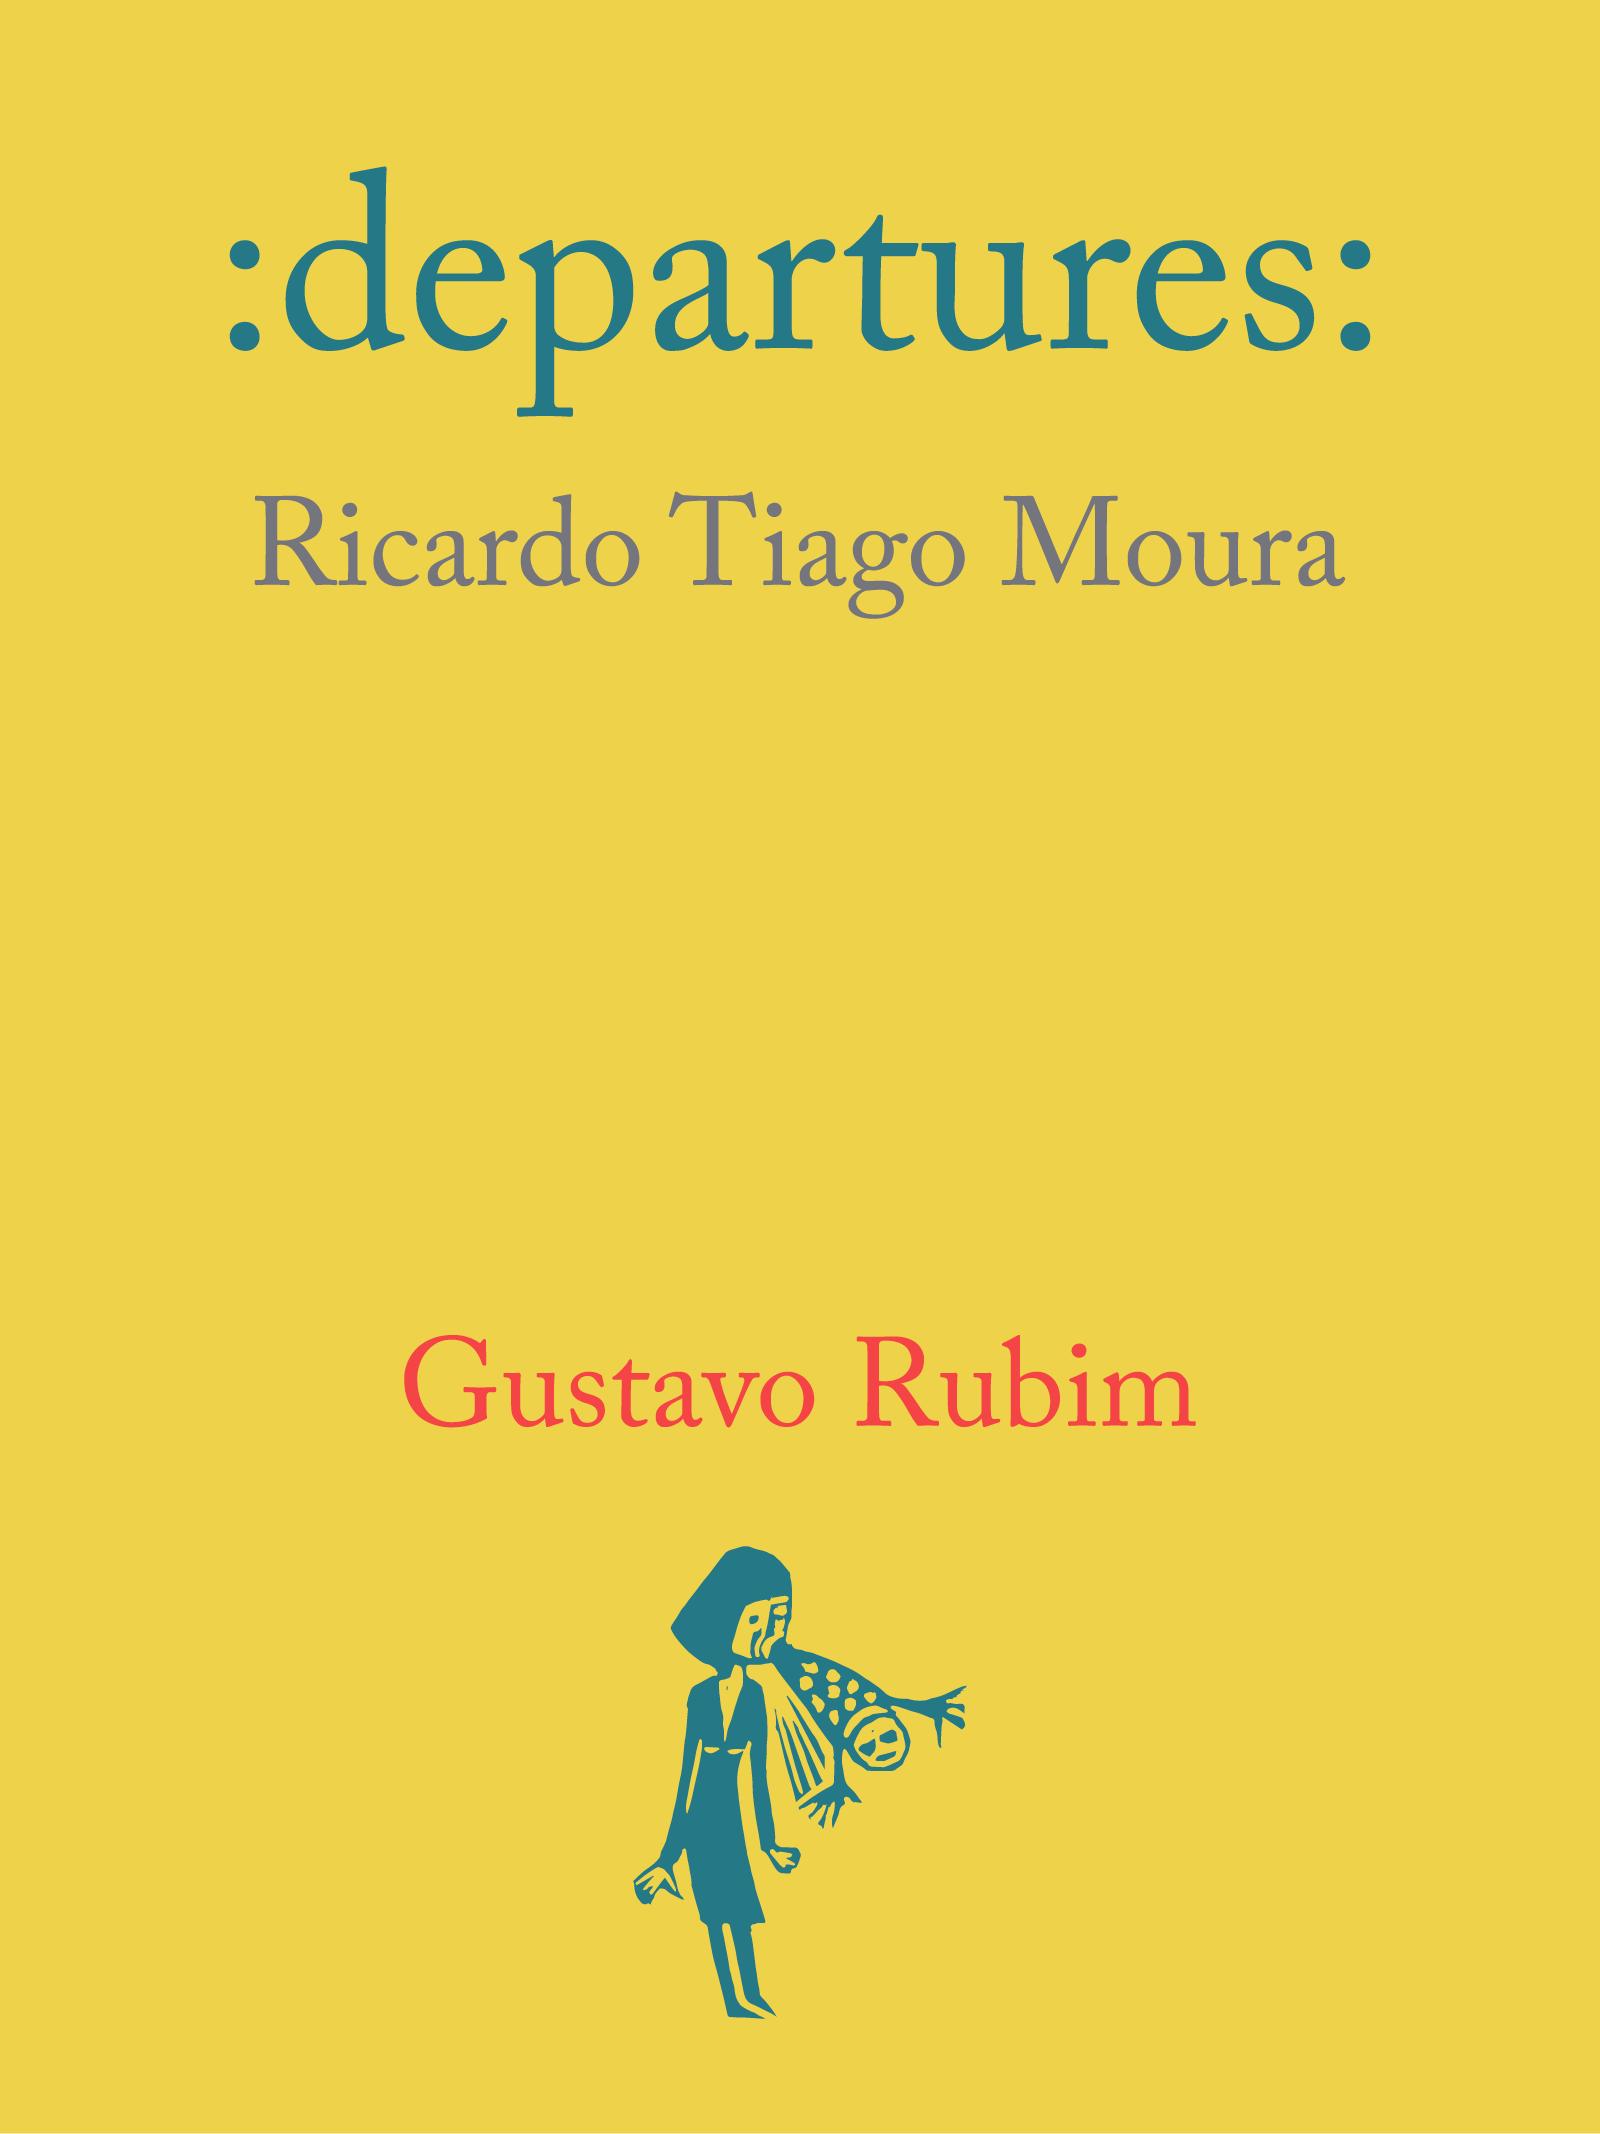 departuresGR.png